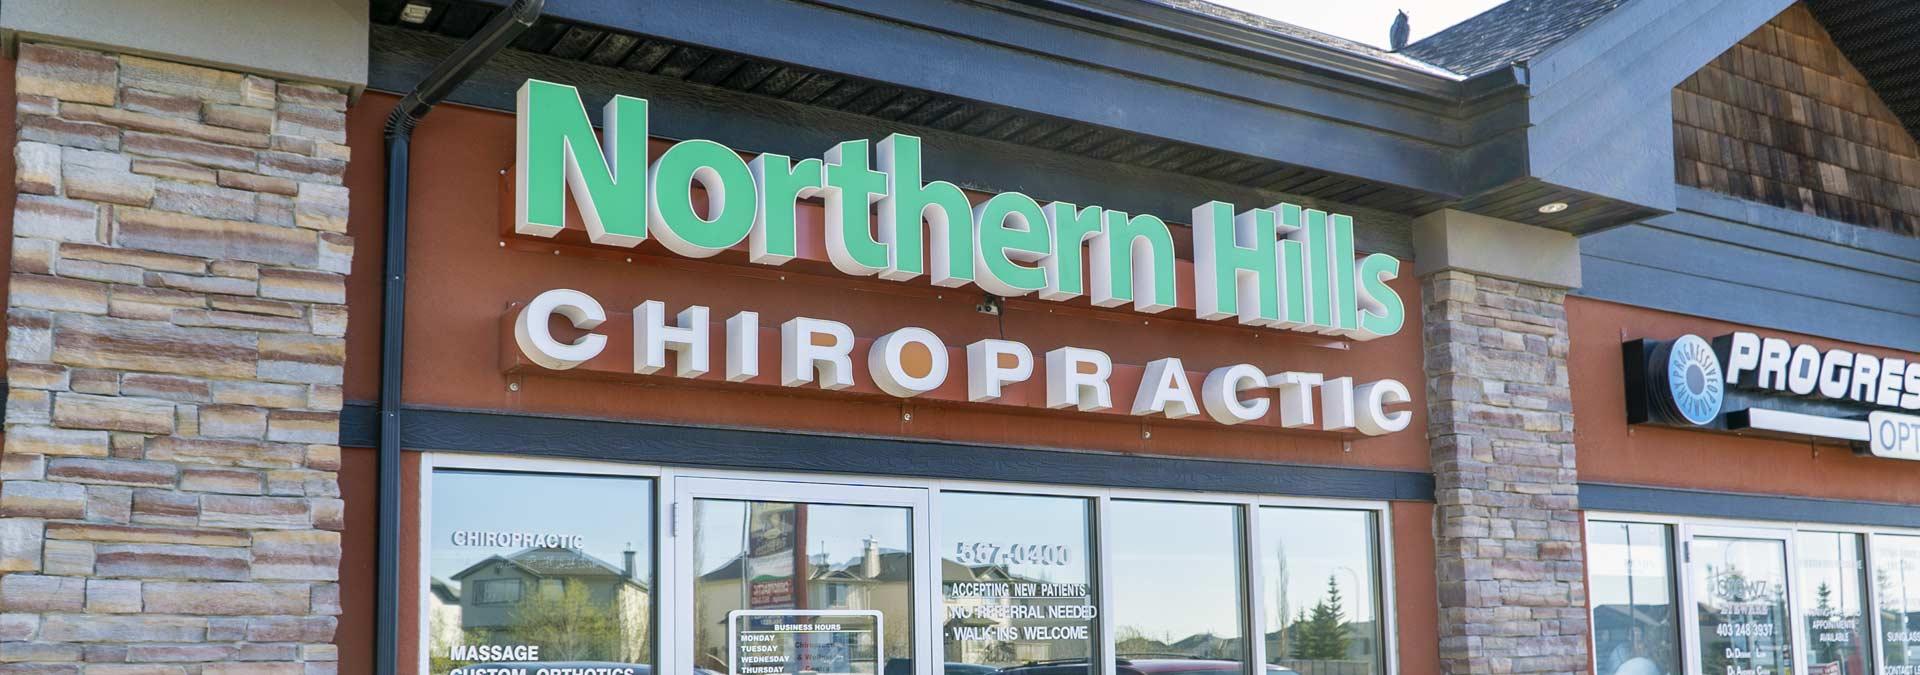 Northern Hills Chiropractic | Exterior